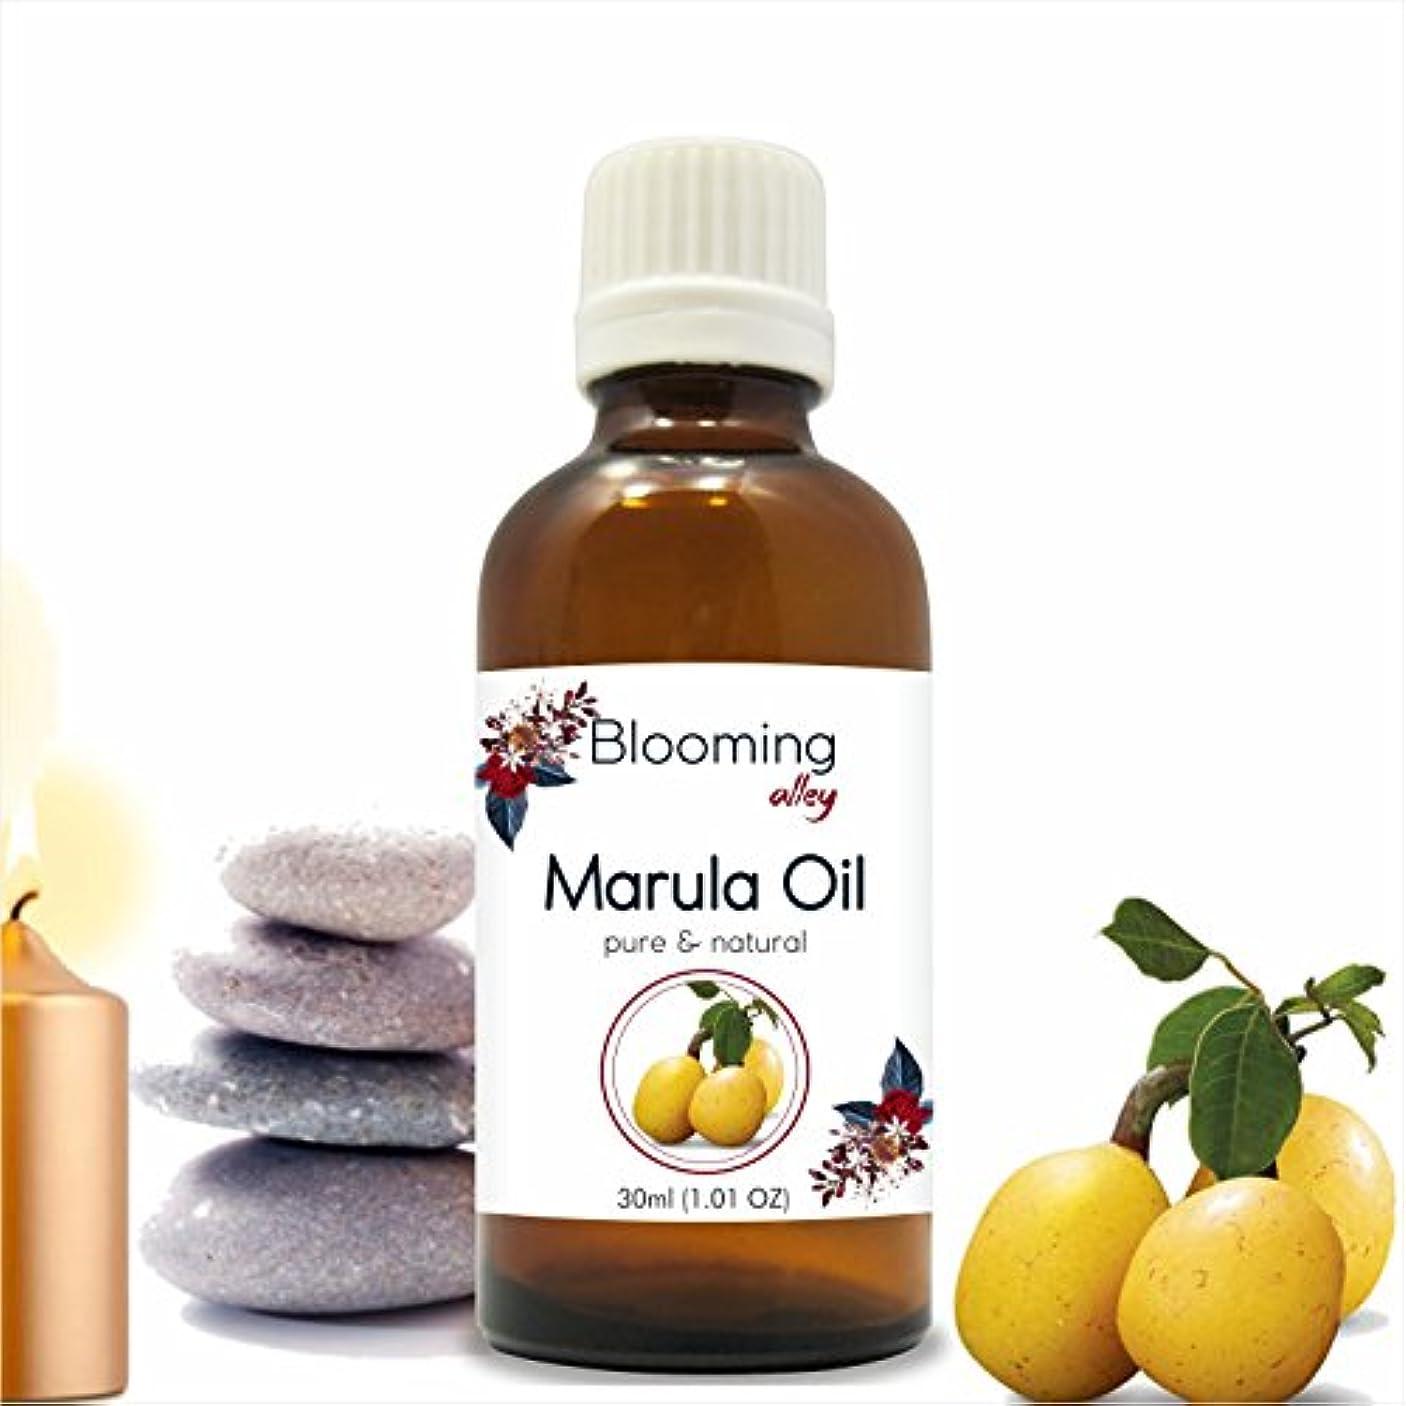 パッチ割り込みモロニックMarula Oil (Sclerocarya Birrea) Carrier Oil 30 ml or 1.0 Fl Oz by Blooming Alley